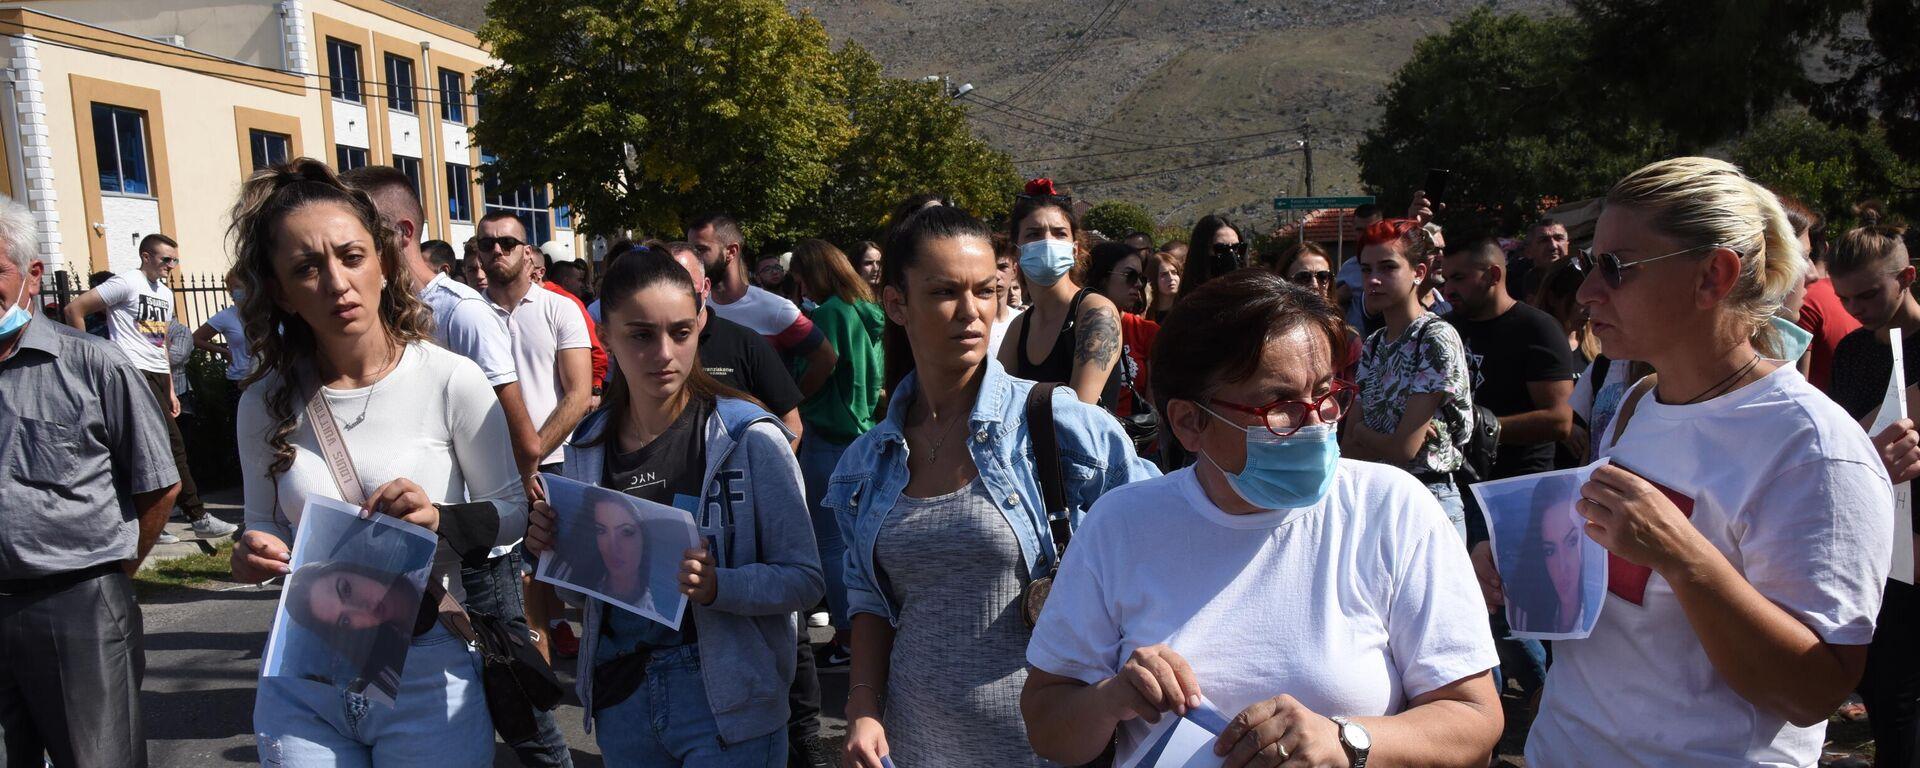 Protest u Tuzima kod Podgorice zbog ubistva devojke - Sputnik Srbija, 1920, 03.10.2021